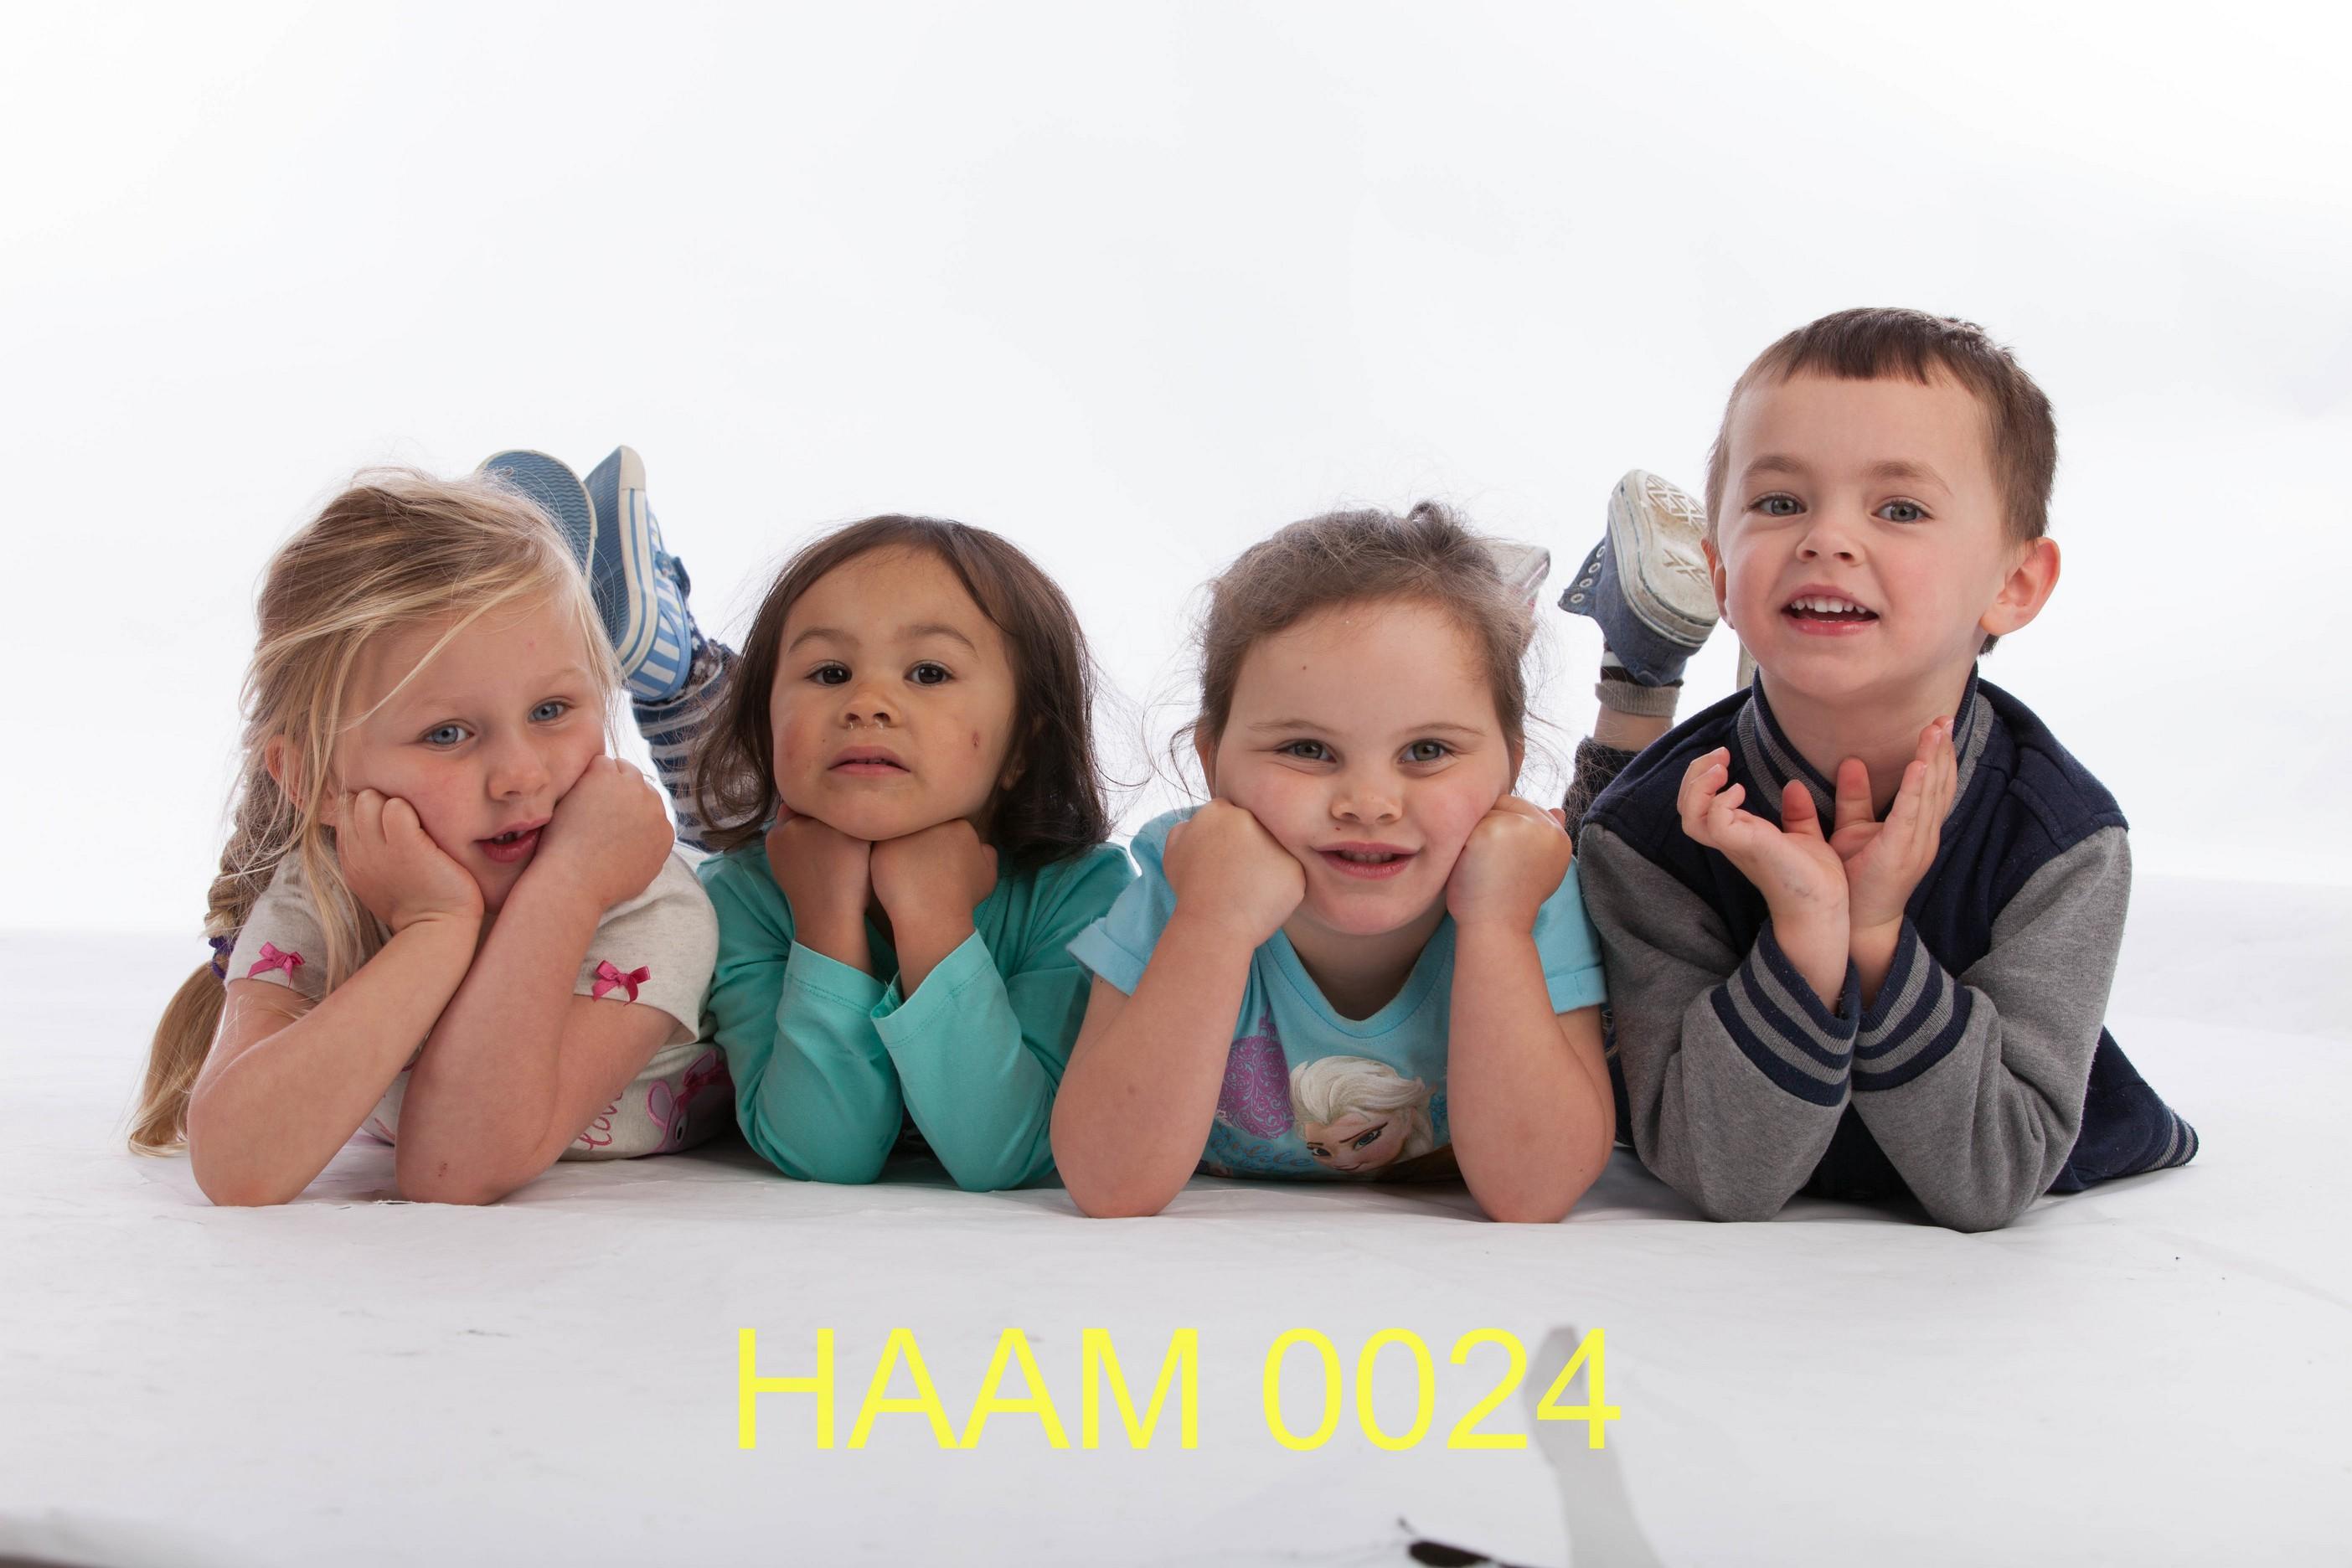 HAAM 0024